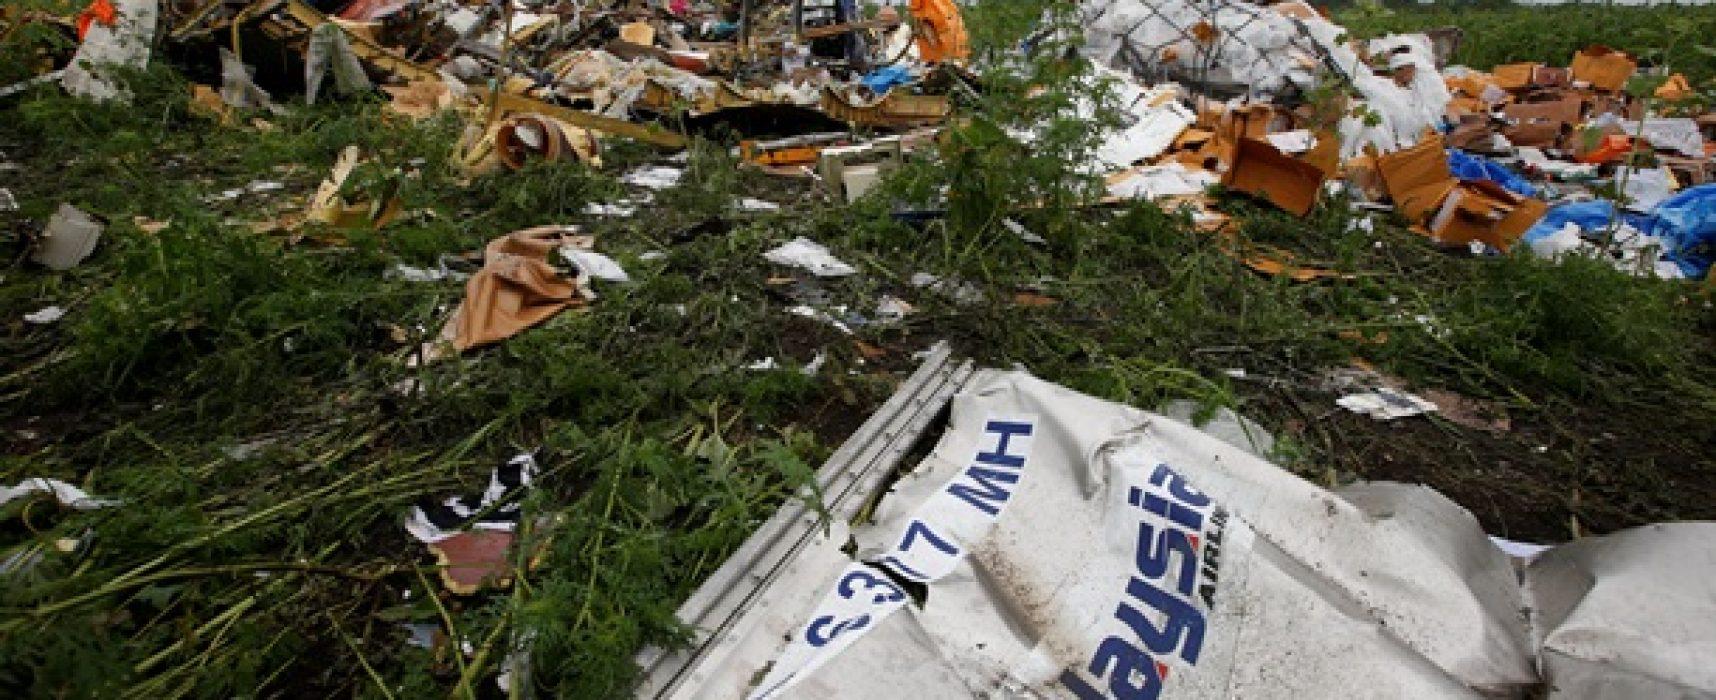 Фейк Марии Захаровой: Нидерланды, требуя от России выдачи Цемаха, пытаются скрыть свои ошибки в расследовании гибели MH17